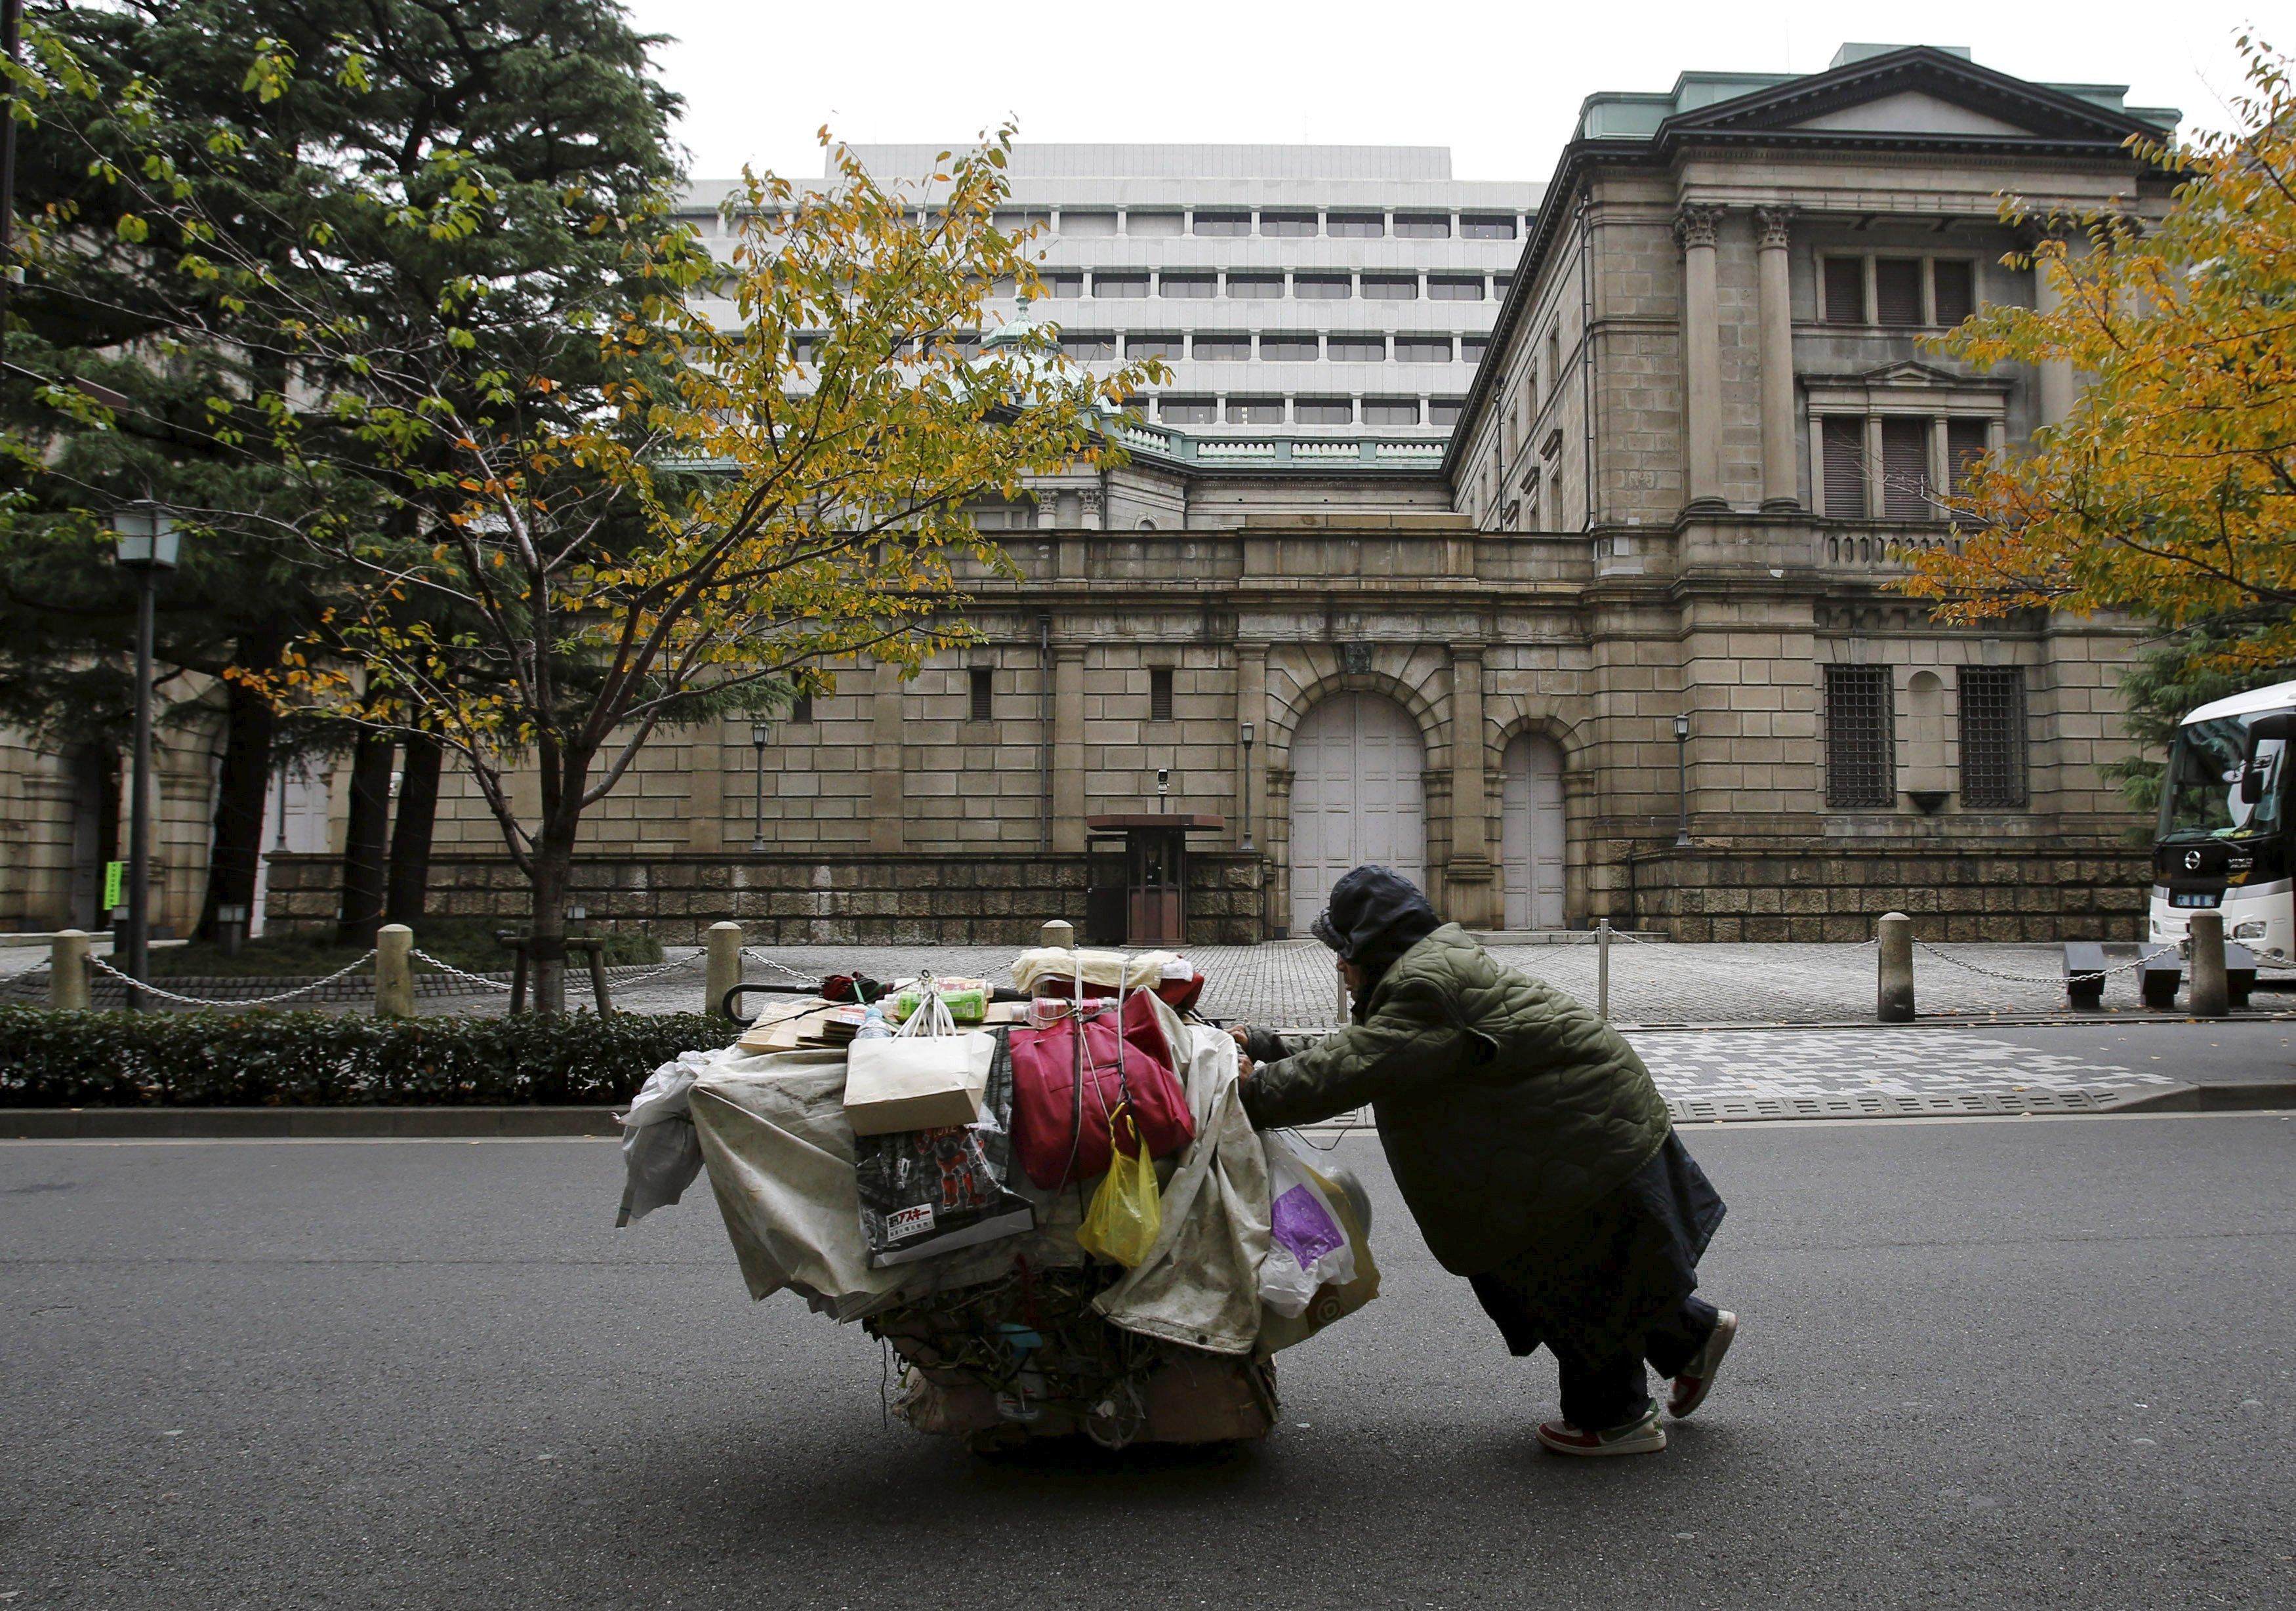 Seorang pria mendorong troli berisi barang miliknya di luar kantor pusat Bank of Japan (BOJ) di Tokyo dalam arsip foto  26 November 2012. Bank of Japan akan memotong angka pertumbuhan dan prospek inflasi untuk tahun anggaran ini direview minggu depan tapi hanya sedikit mengenai proyeksi tahun depan, menurut sebuah sumber, yang mungkin akan menegaskan bahwa bank sentral akan memudahkan kebijakan moneter selanjutnya. ANTARA FOTO/REUTERS/Yuriko Nakao.